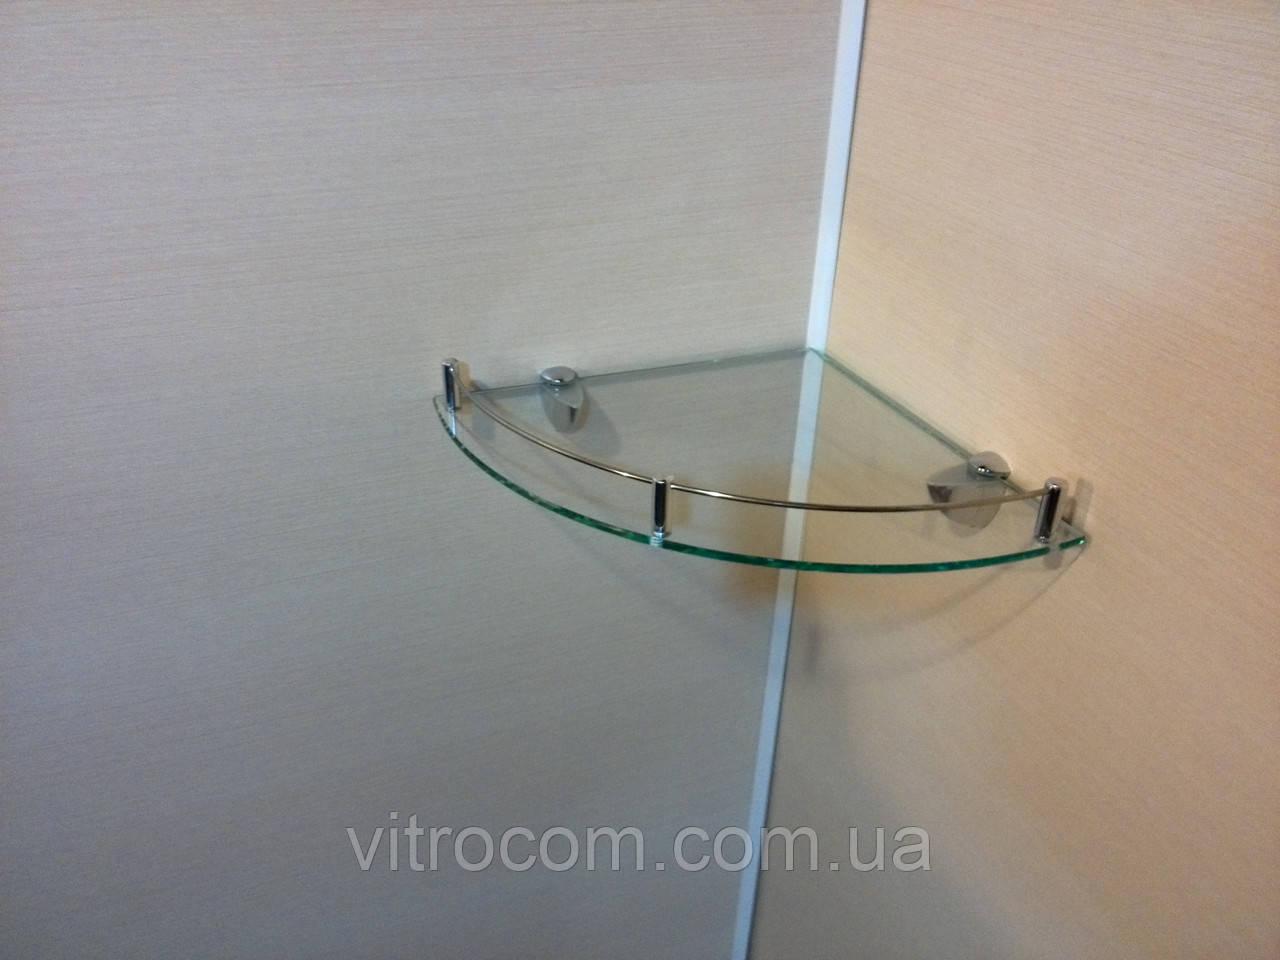 Полка с бортиком стеклянная угловая 6 мм прозрачная 25 х 25 см